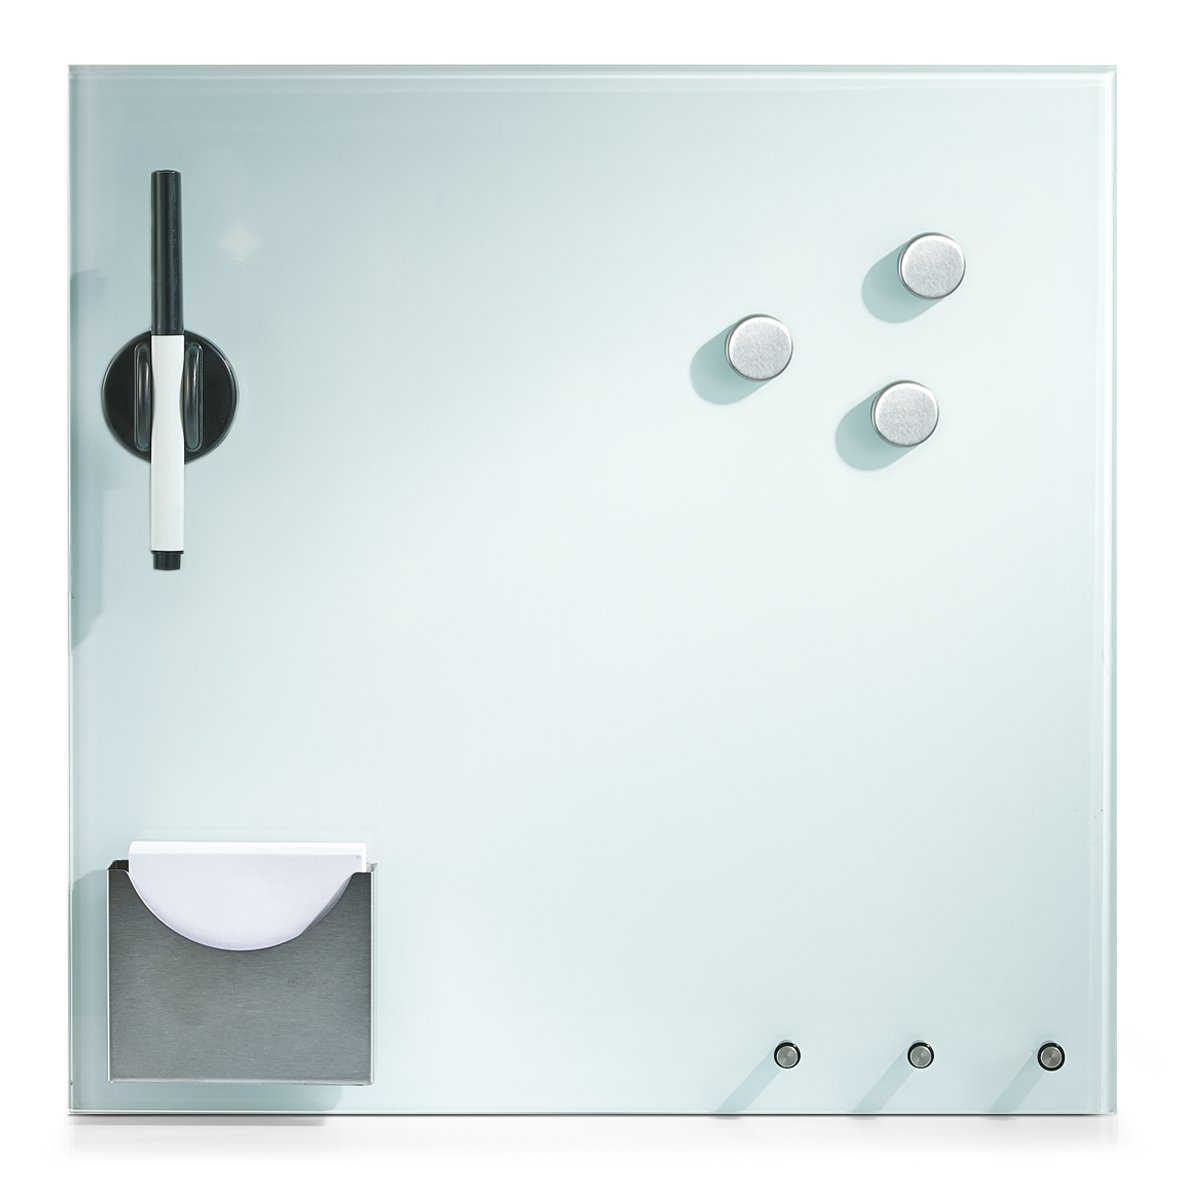 Zeller 11670 Memobord mit Haken und Zettelhalter, Glas, weiß, ca. 40 x 40 x 4 cm weiß